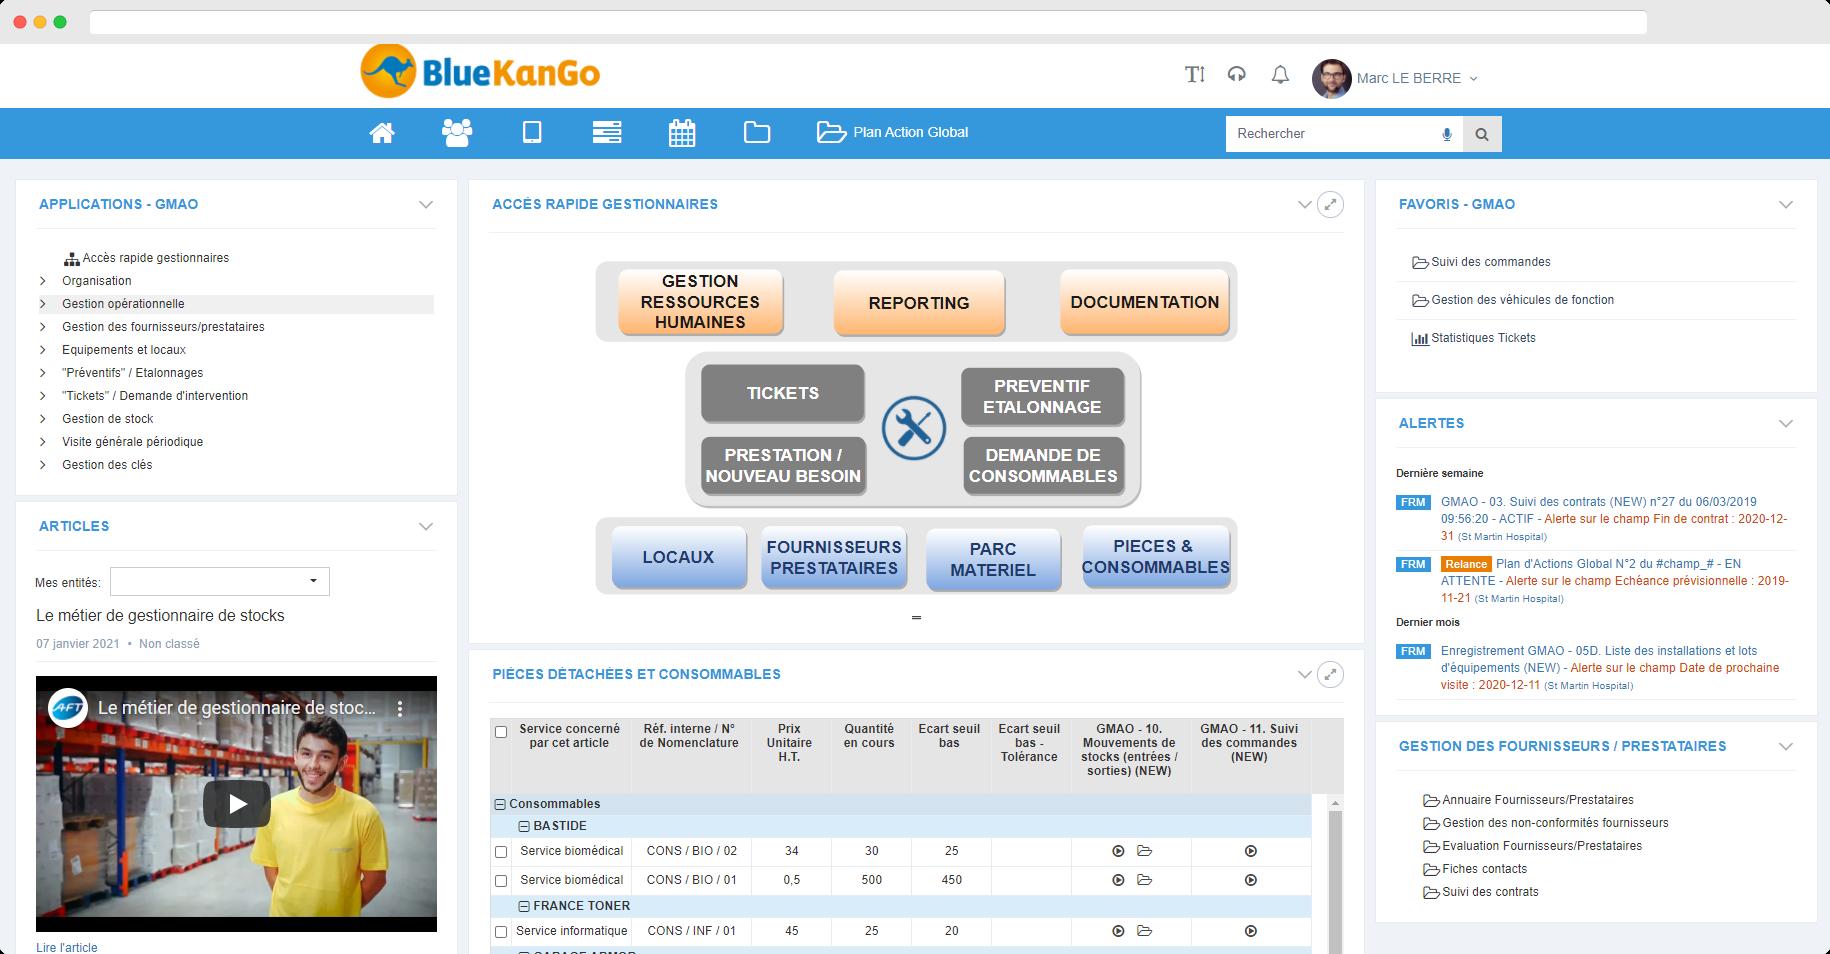 Capture d'écran : tableau de bord sur la gestion des équipements (GMAO)